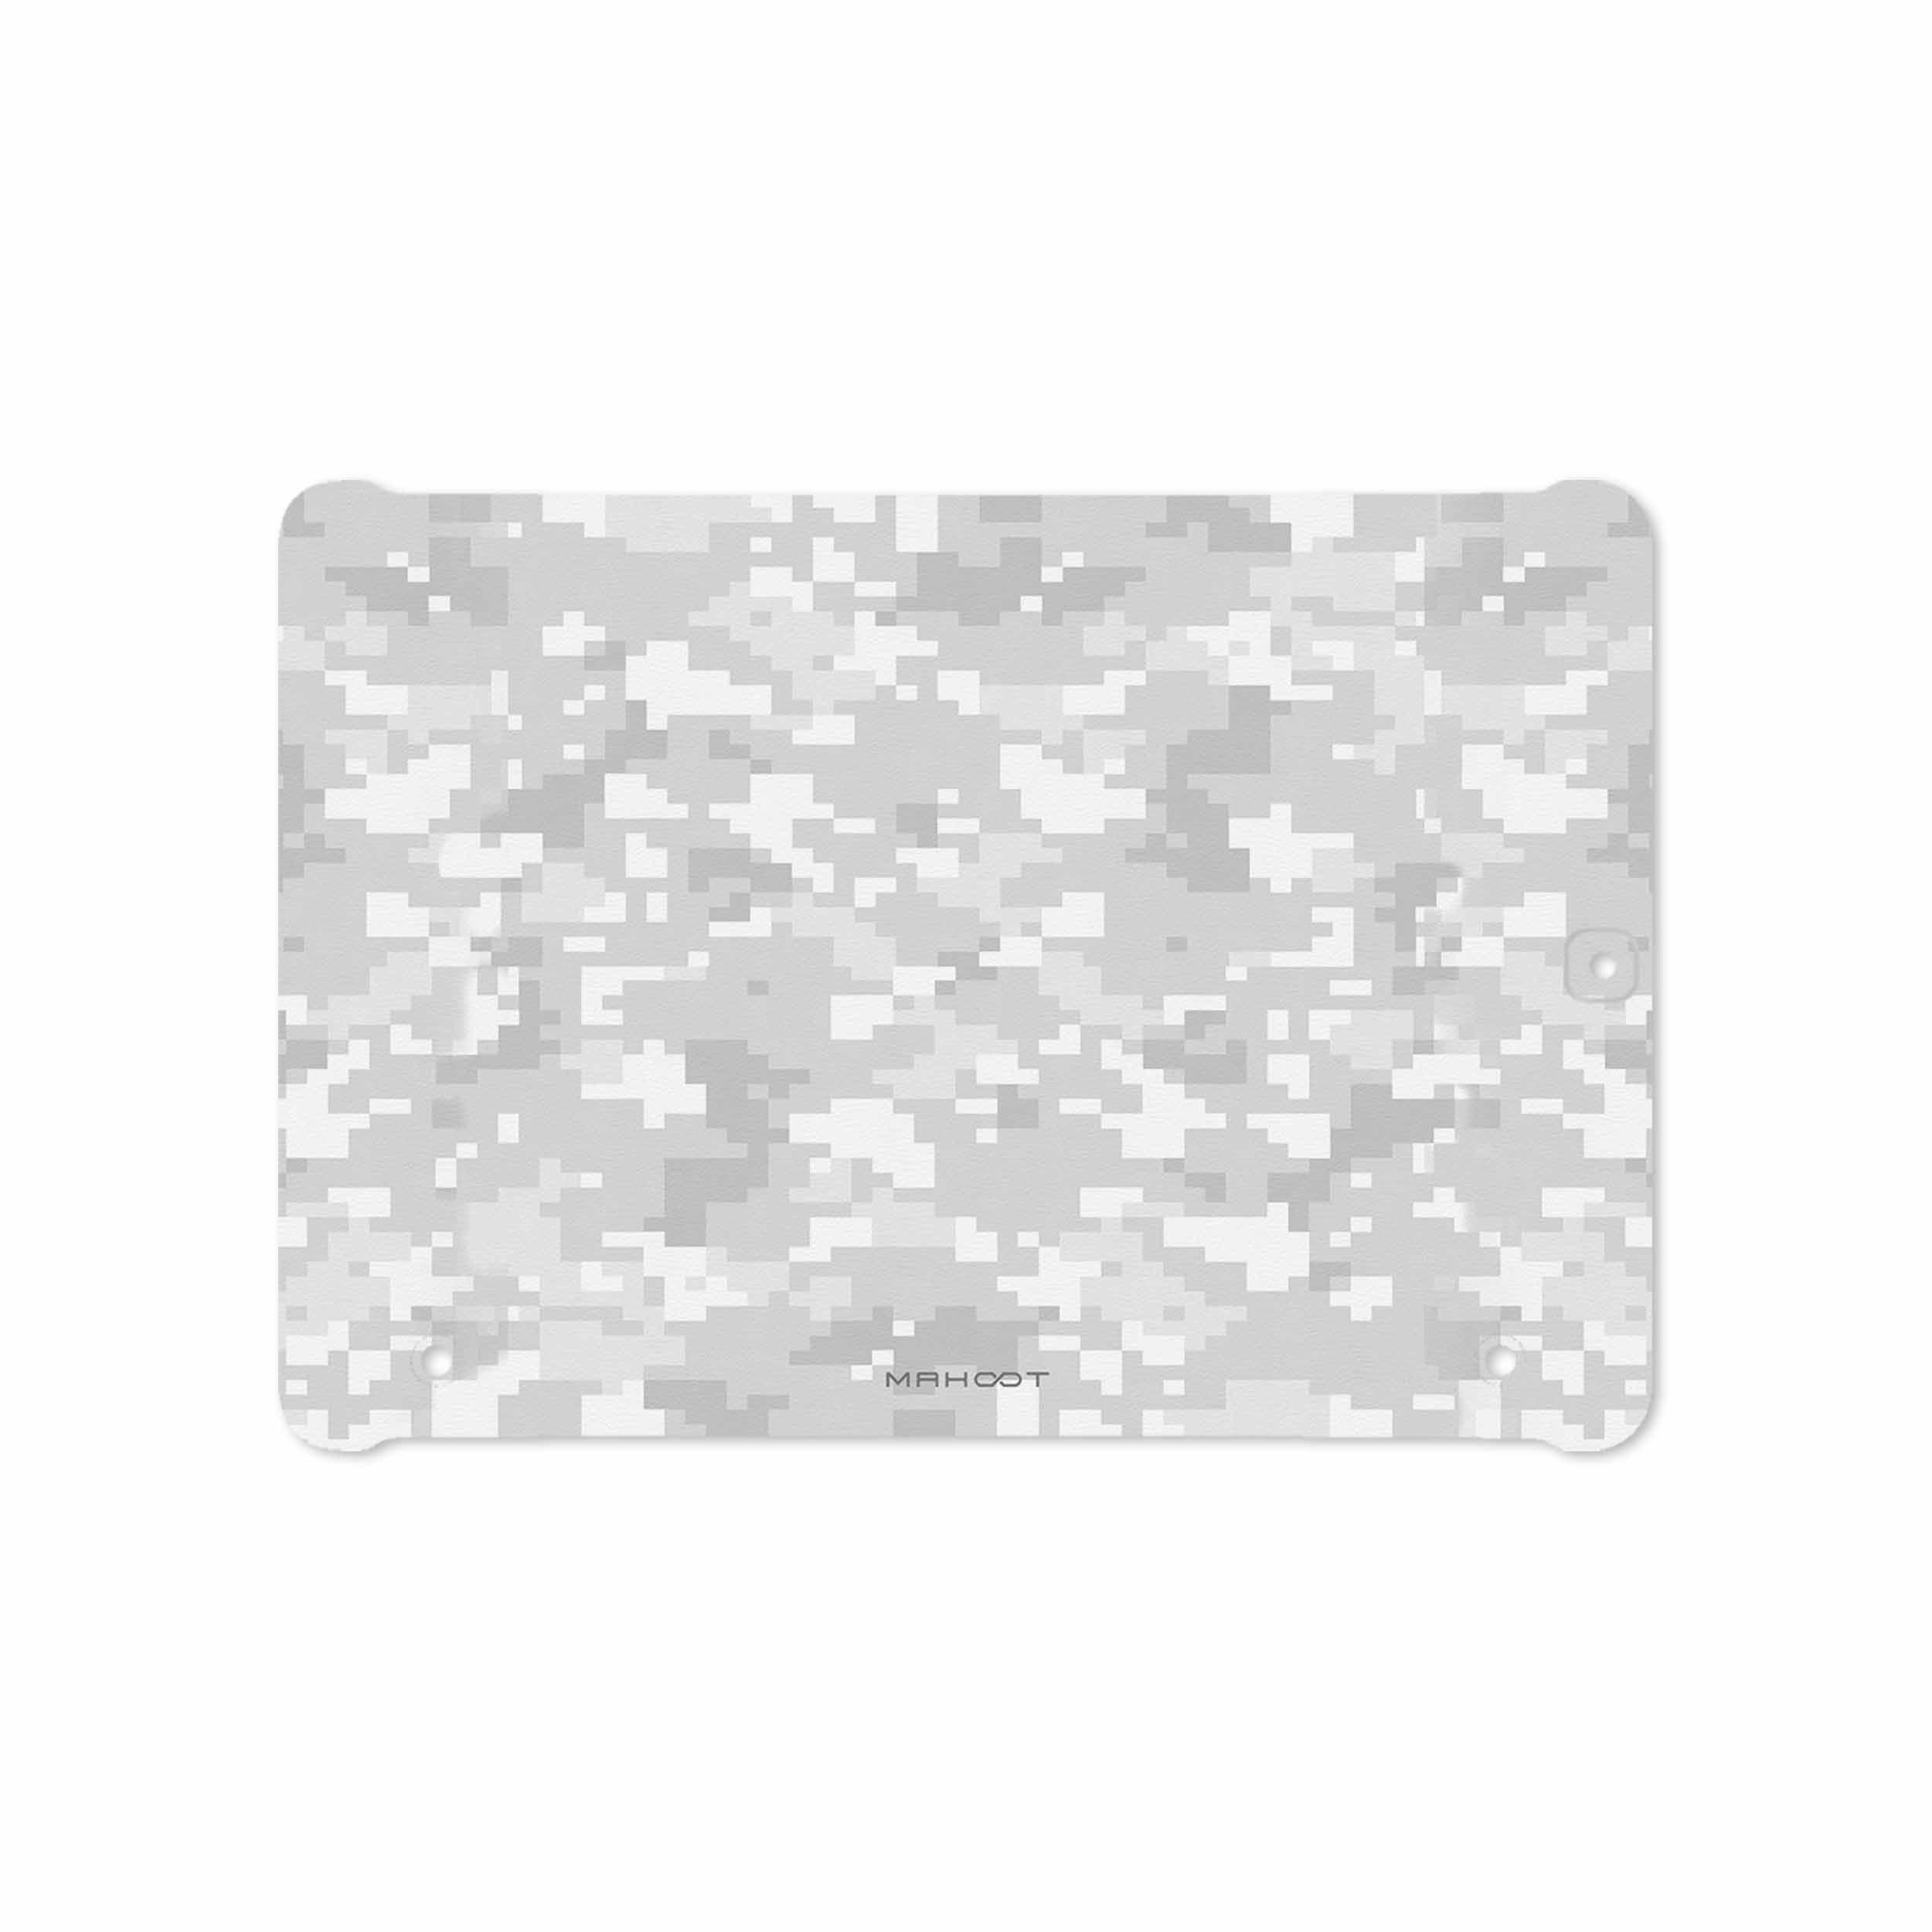 بررسی و خرید [با تخفیف]                                     برچسب پوششی ماهوت مدل Army-Snow-Pixel مناسب برای تبلت سامسونگ Galaxy Tab S2 9.7 2015 T810                             اورجینال